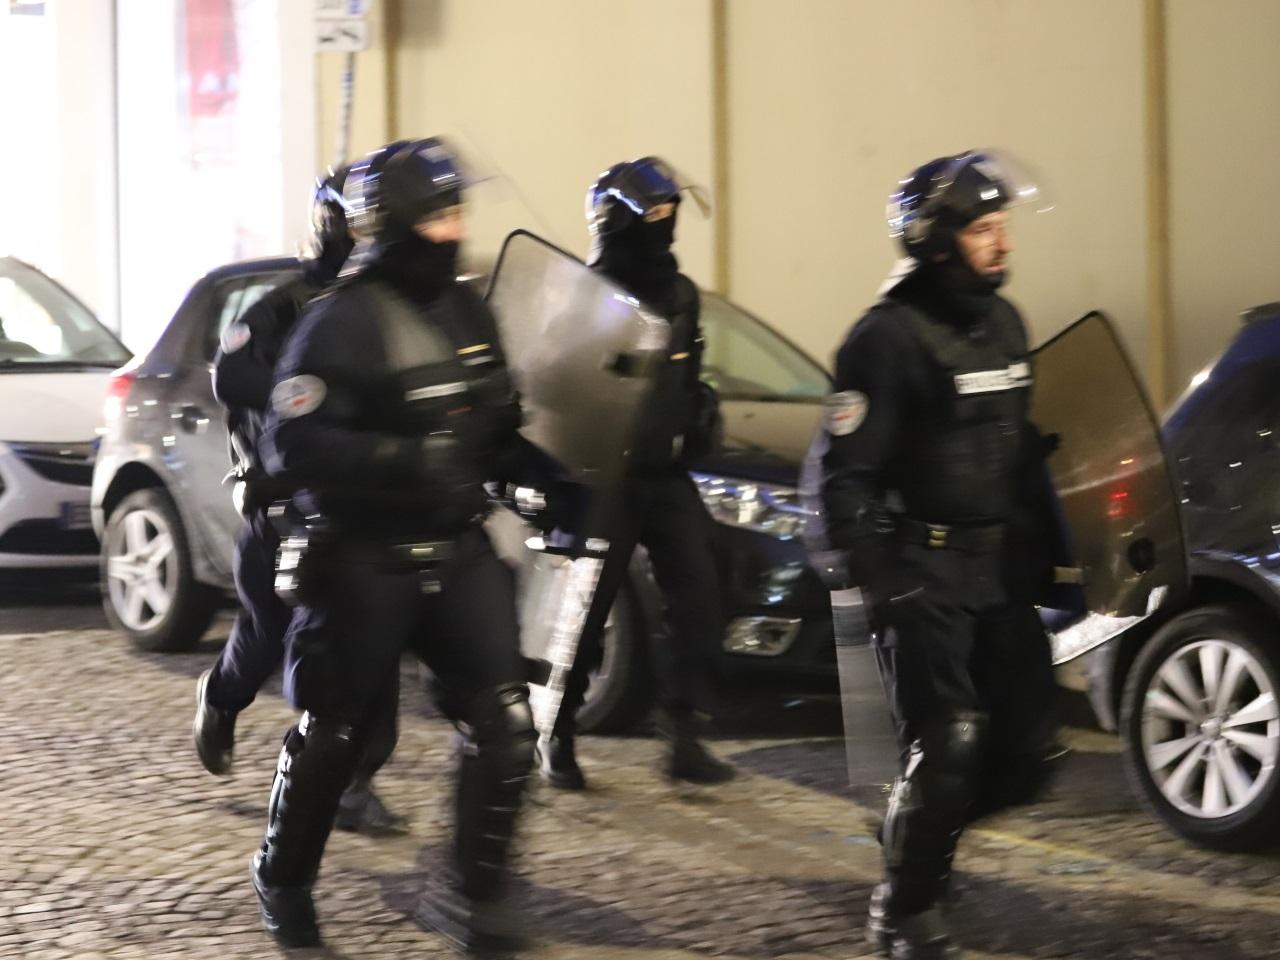 Victoire De Lalgérie à La Can Deux Policiers Blessés Et